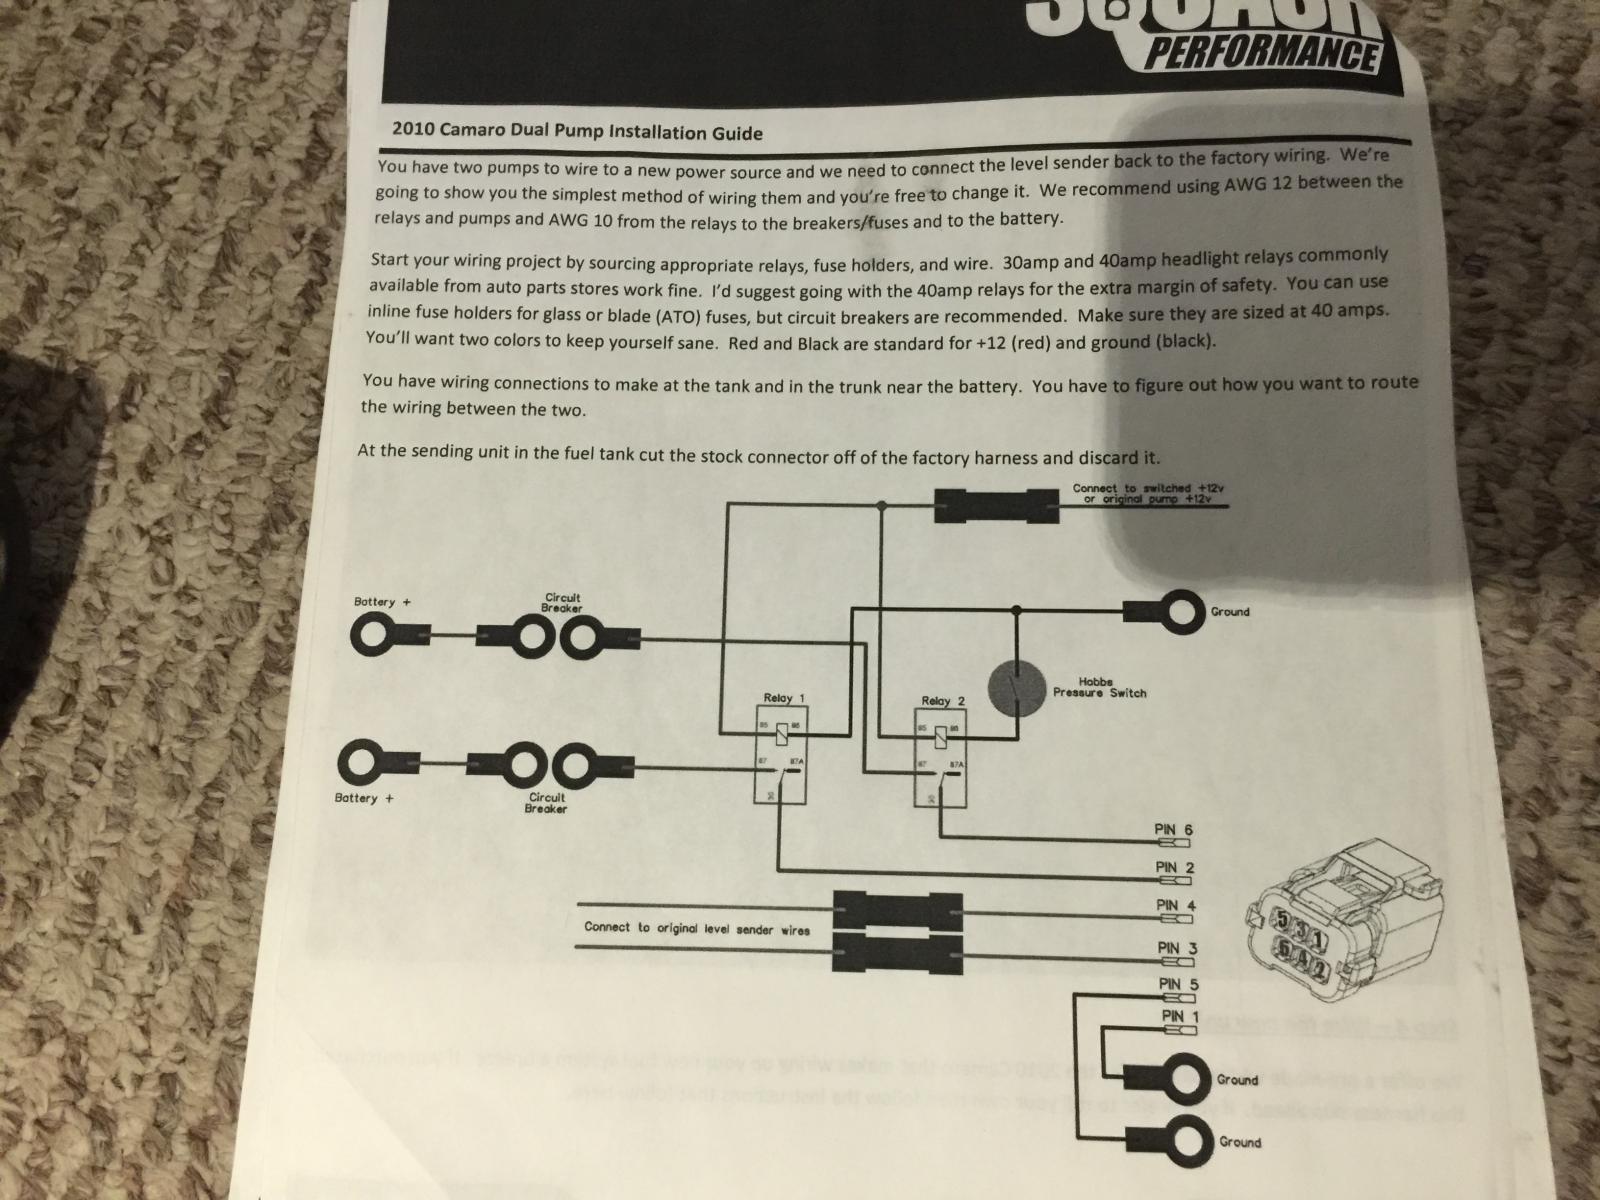 HELP!!!! With squash preformance pump install - Camaro5 ... on camaro starter wiring, camaro neutral safety switch wiring, camaro gauge wiring, camaro headlight wiring,